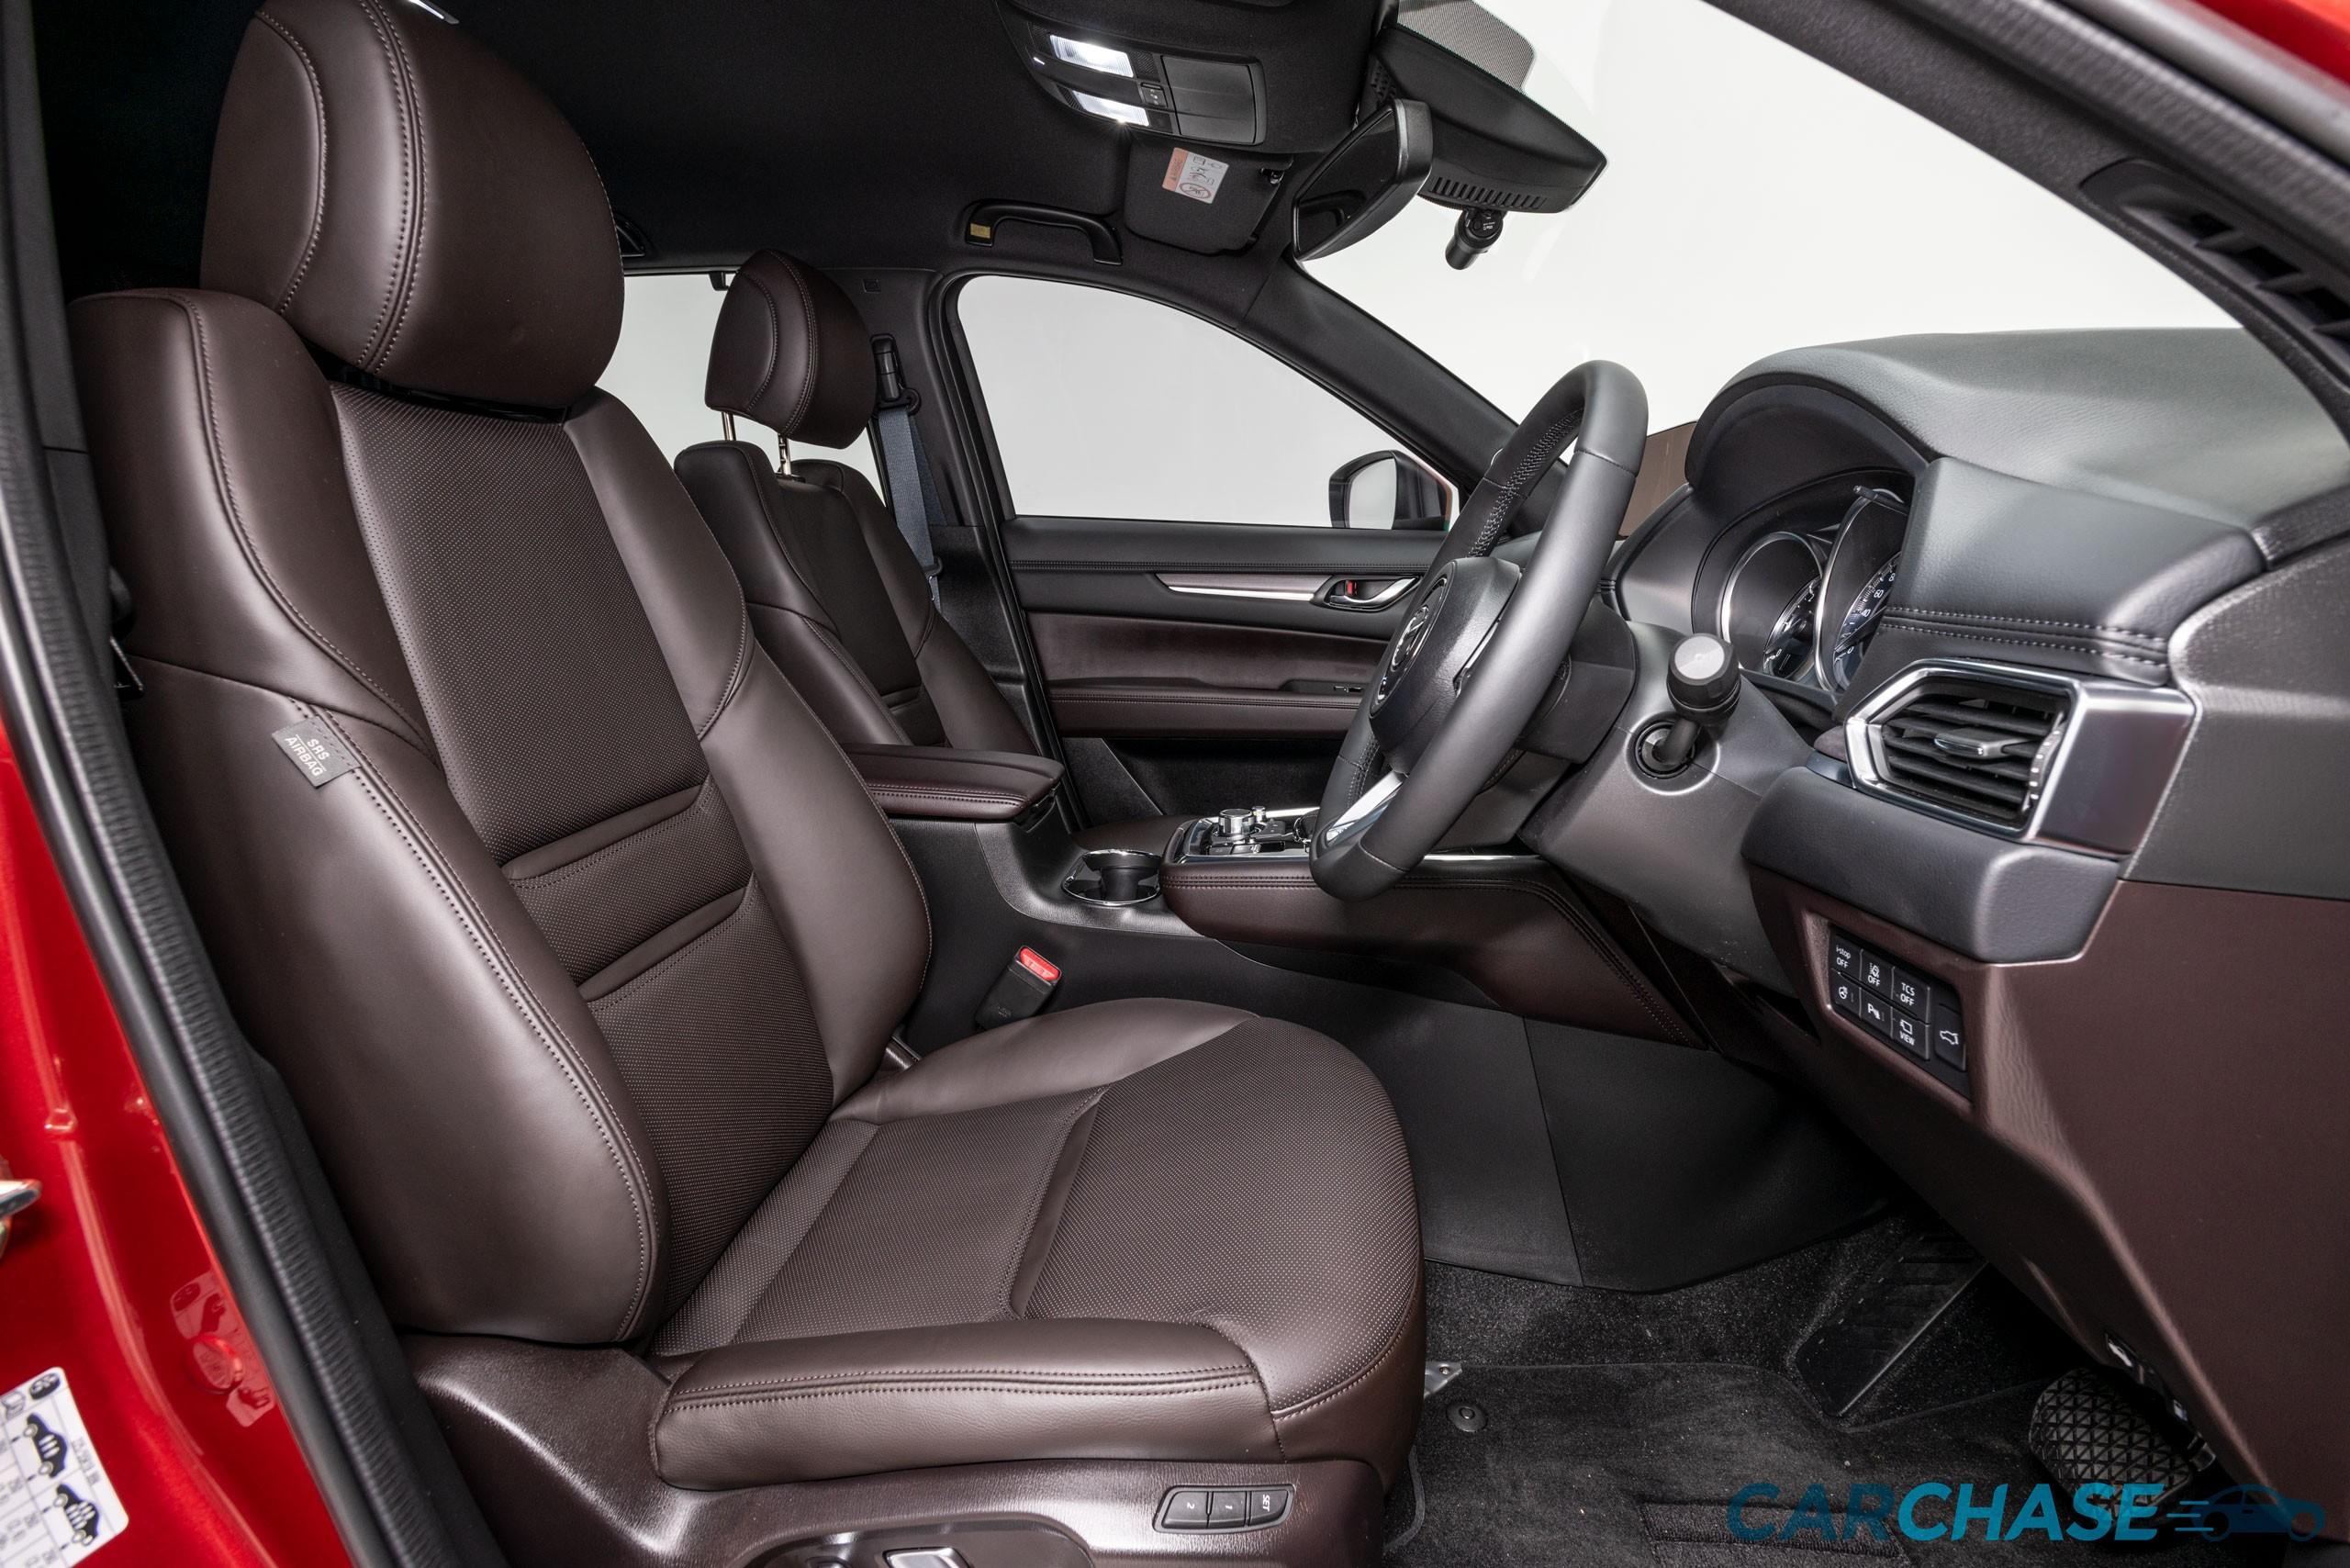 Image of driver front profile of 2018 Mazda CX-8 Asaki